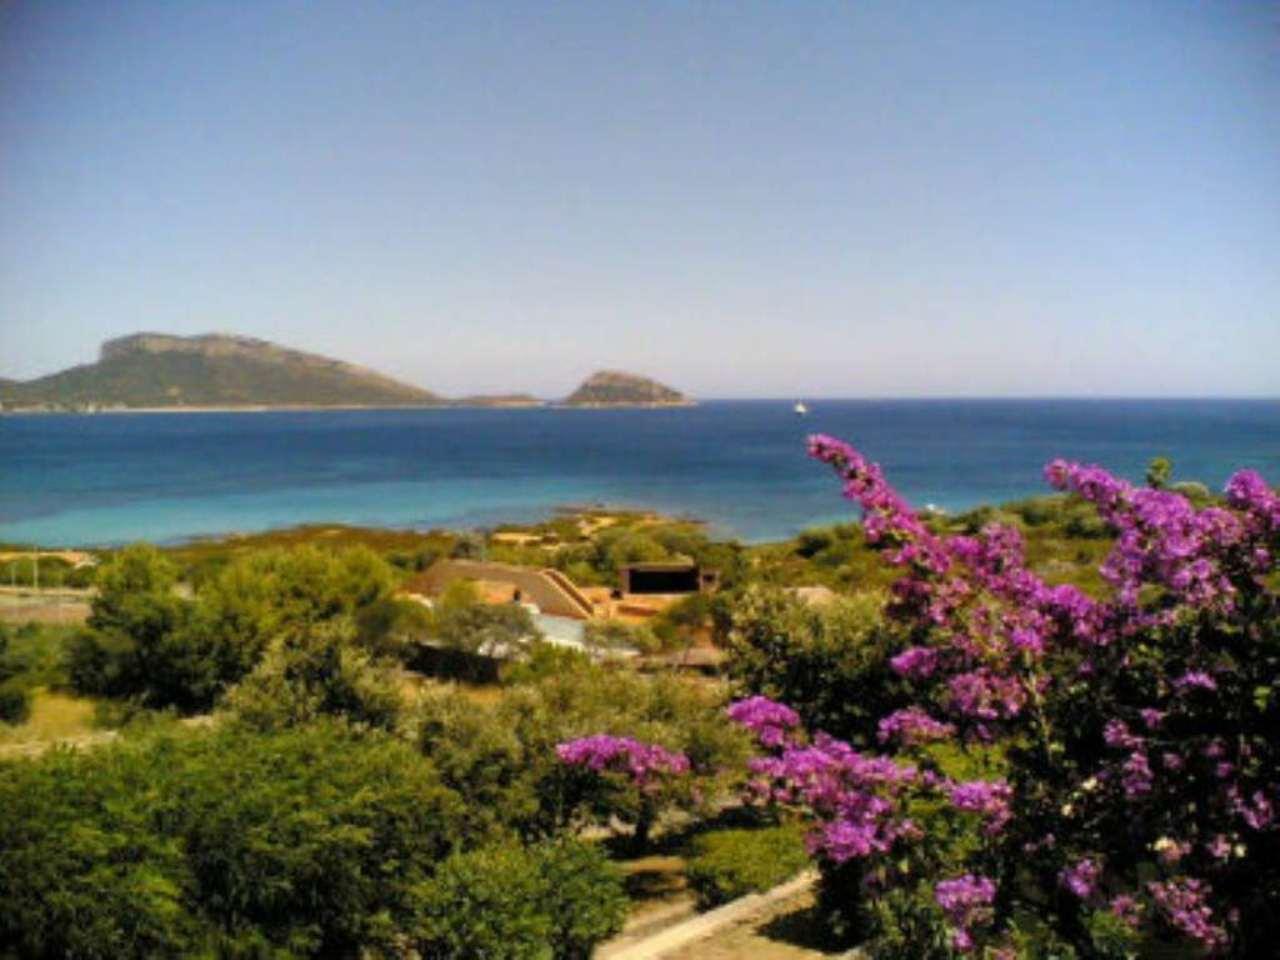 Appartamento in vendita a Golfo Aranci, 2 locali, prezzo € 180.000 | CambioCasa.it